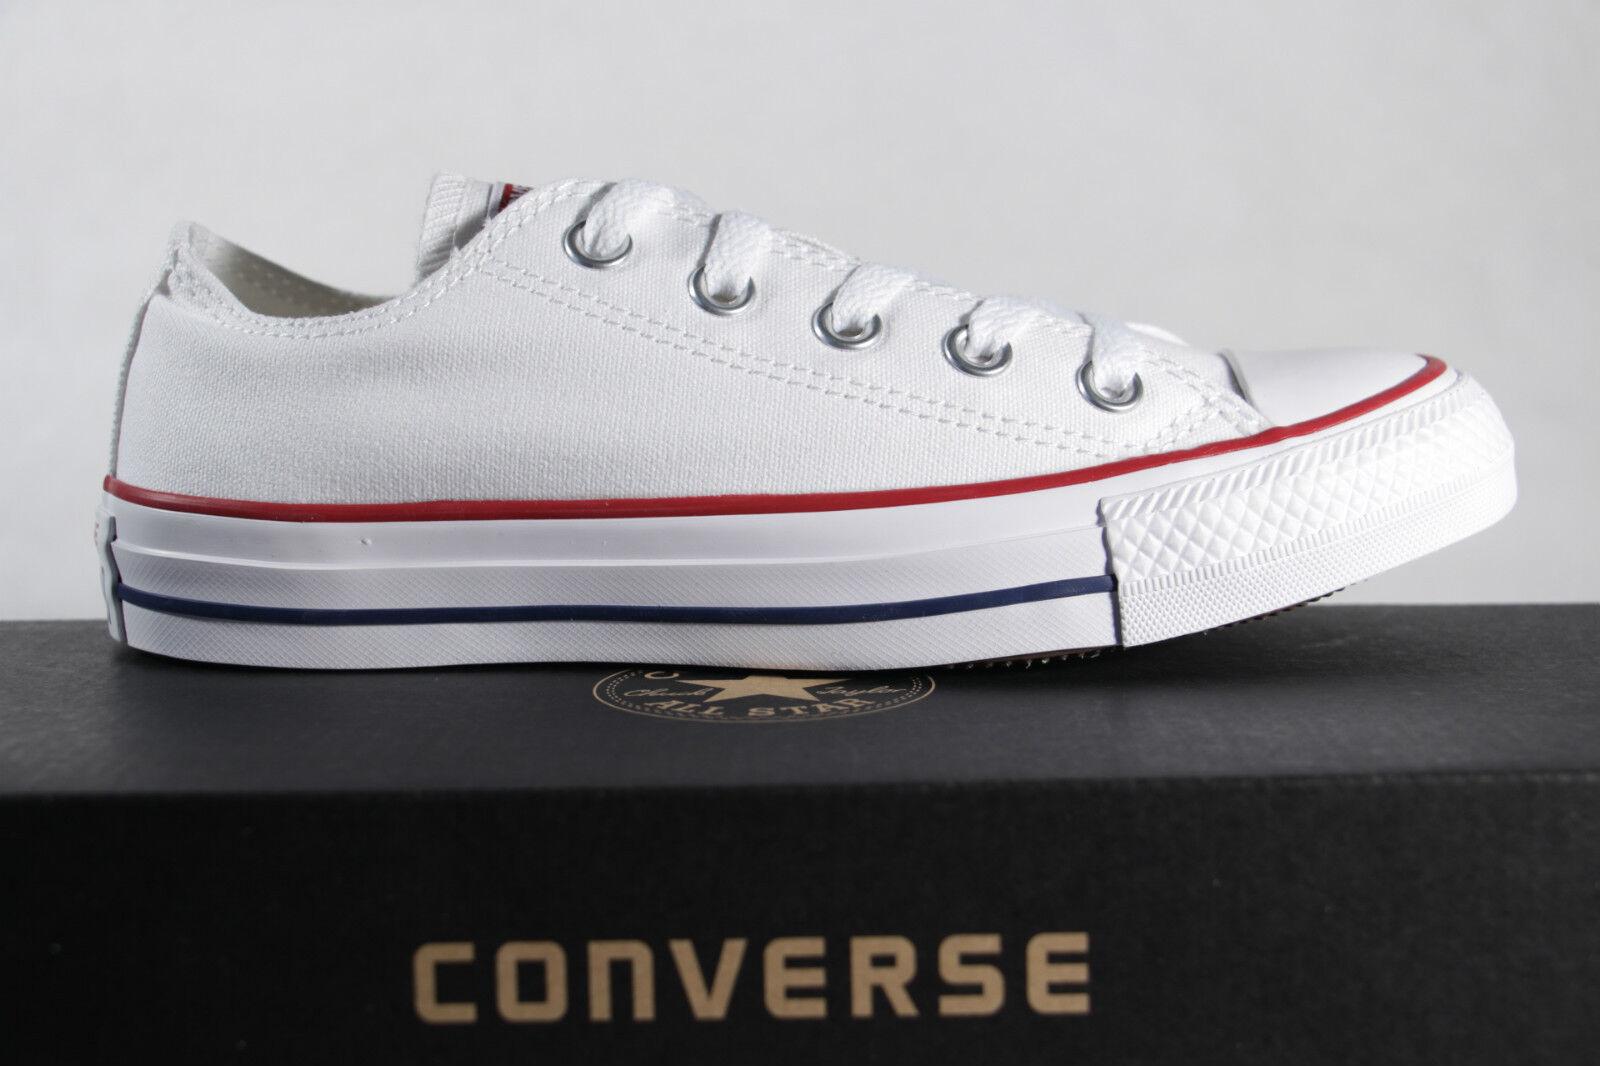 Converse All Star Schnrschuhe Sneakers Weiss Textil Leinen Stars M7652c Neu